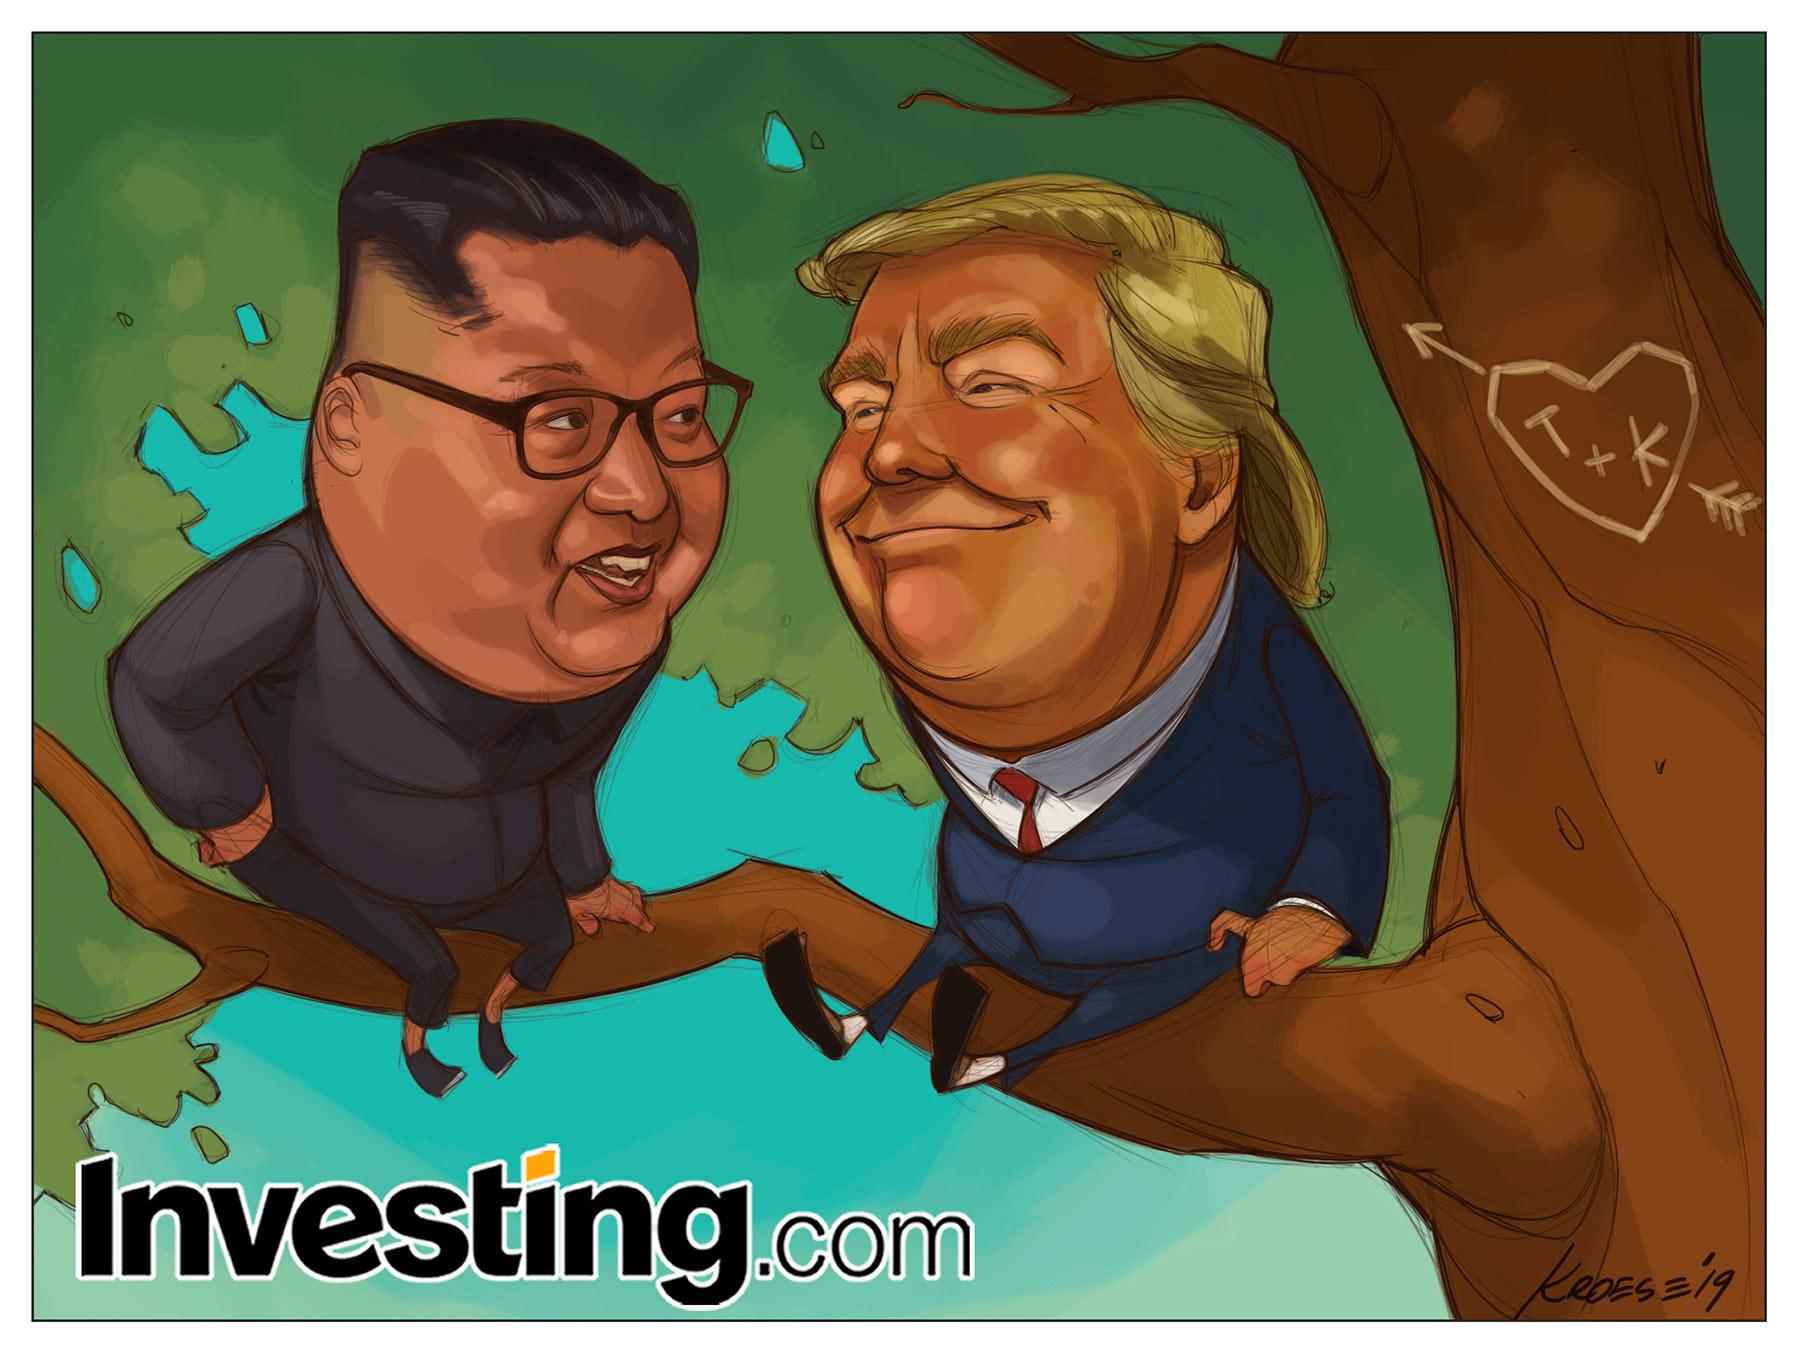 SanValentino fissato a fine mese in Vietnam per la coppia Trump - KimJoung-un